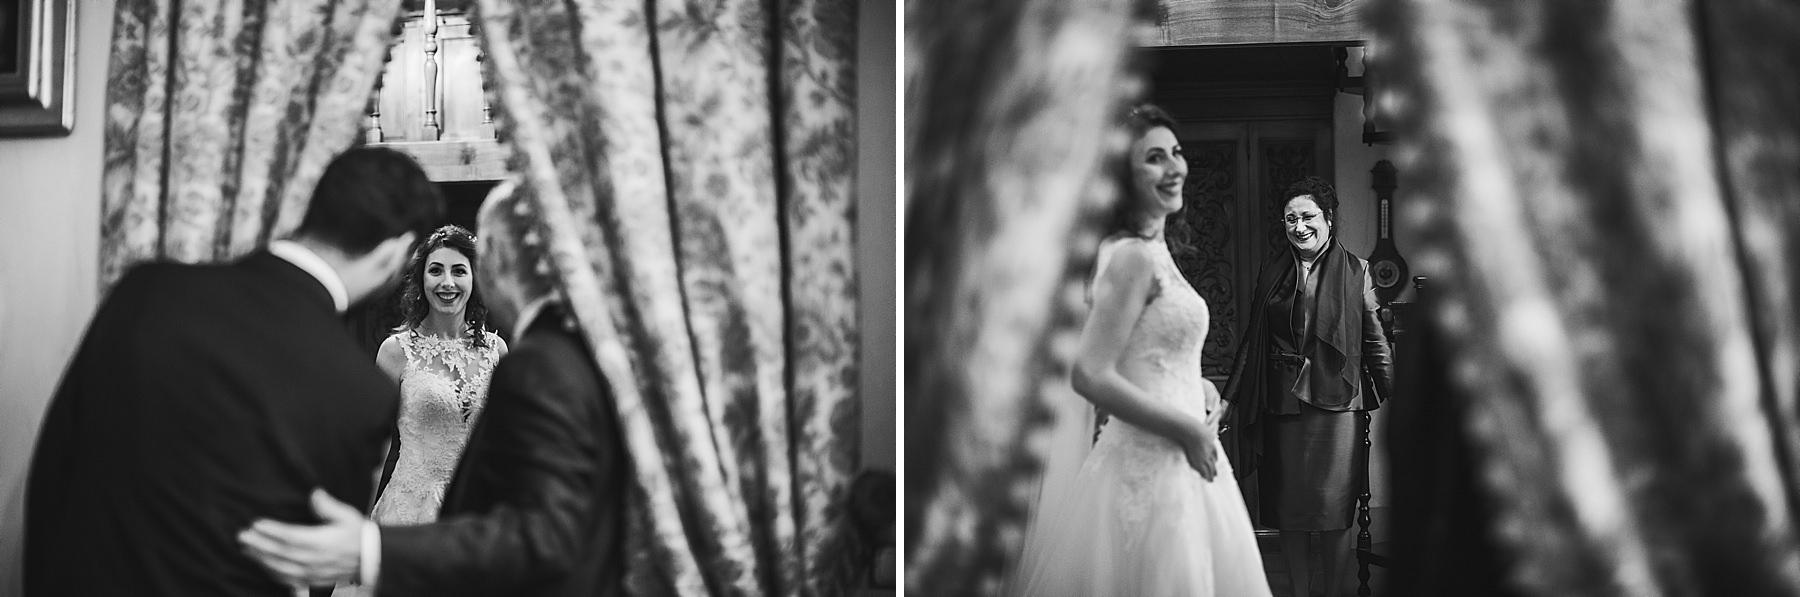 fotografia-di-matrimonio-a-firenze-in-inverno-723.JPG